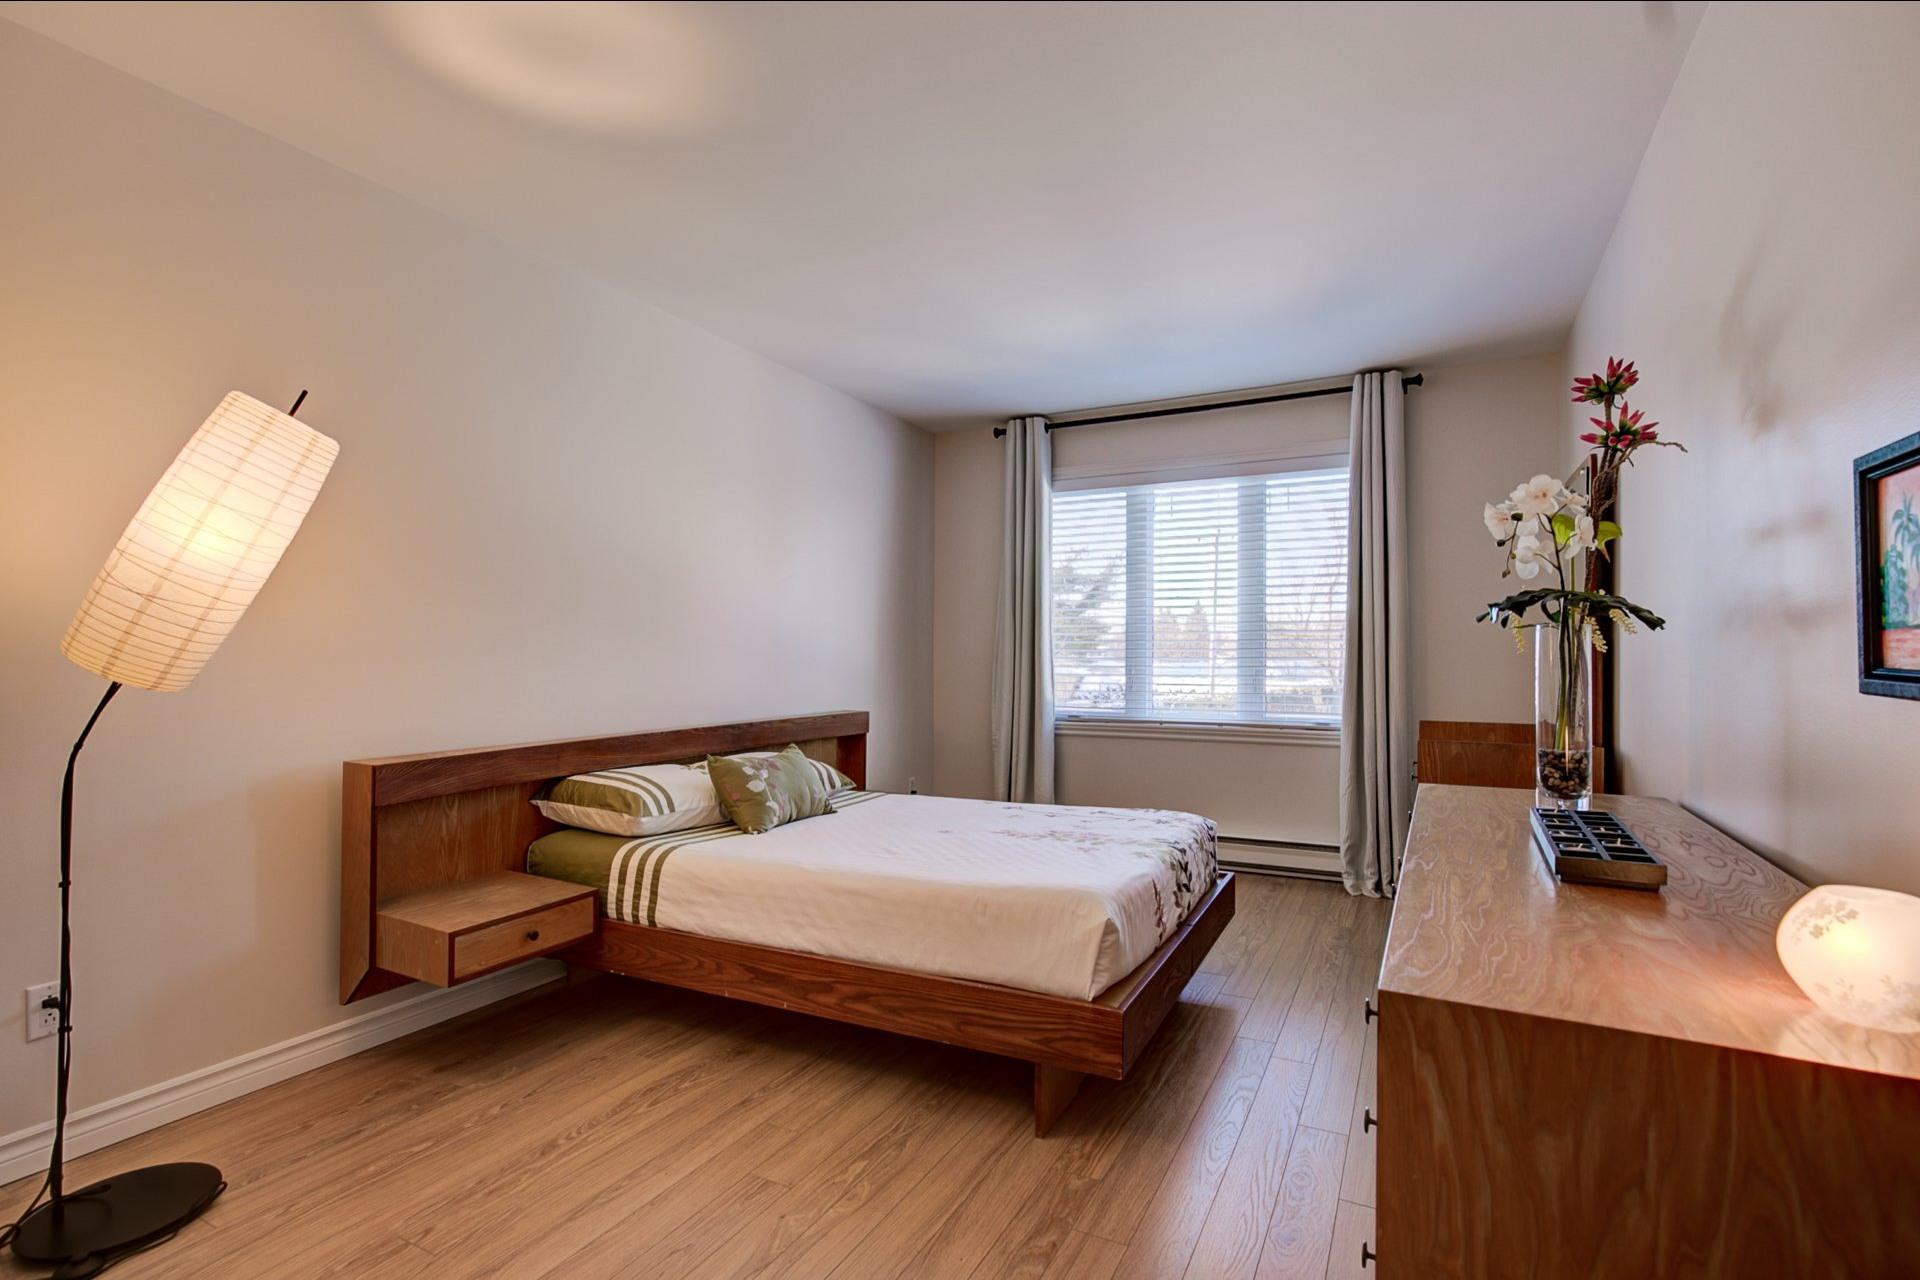 image 13 - Appartement À vendre Boucherville - 7 pièces